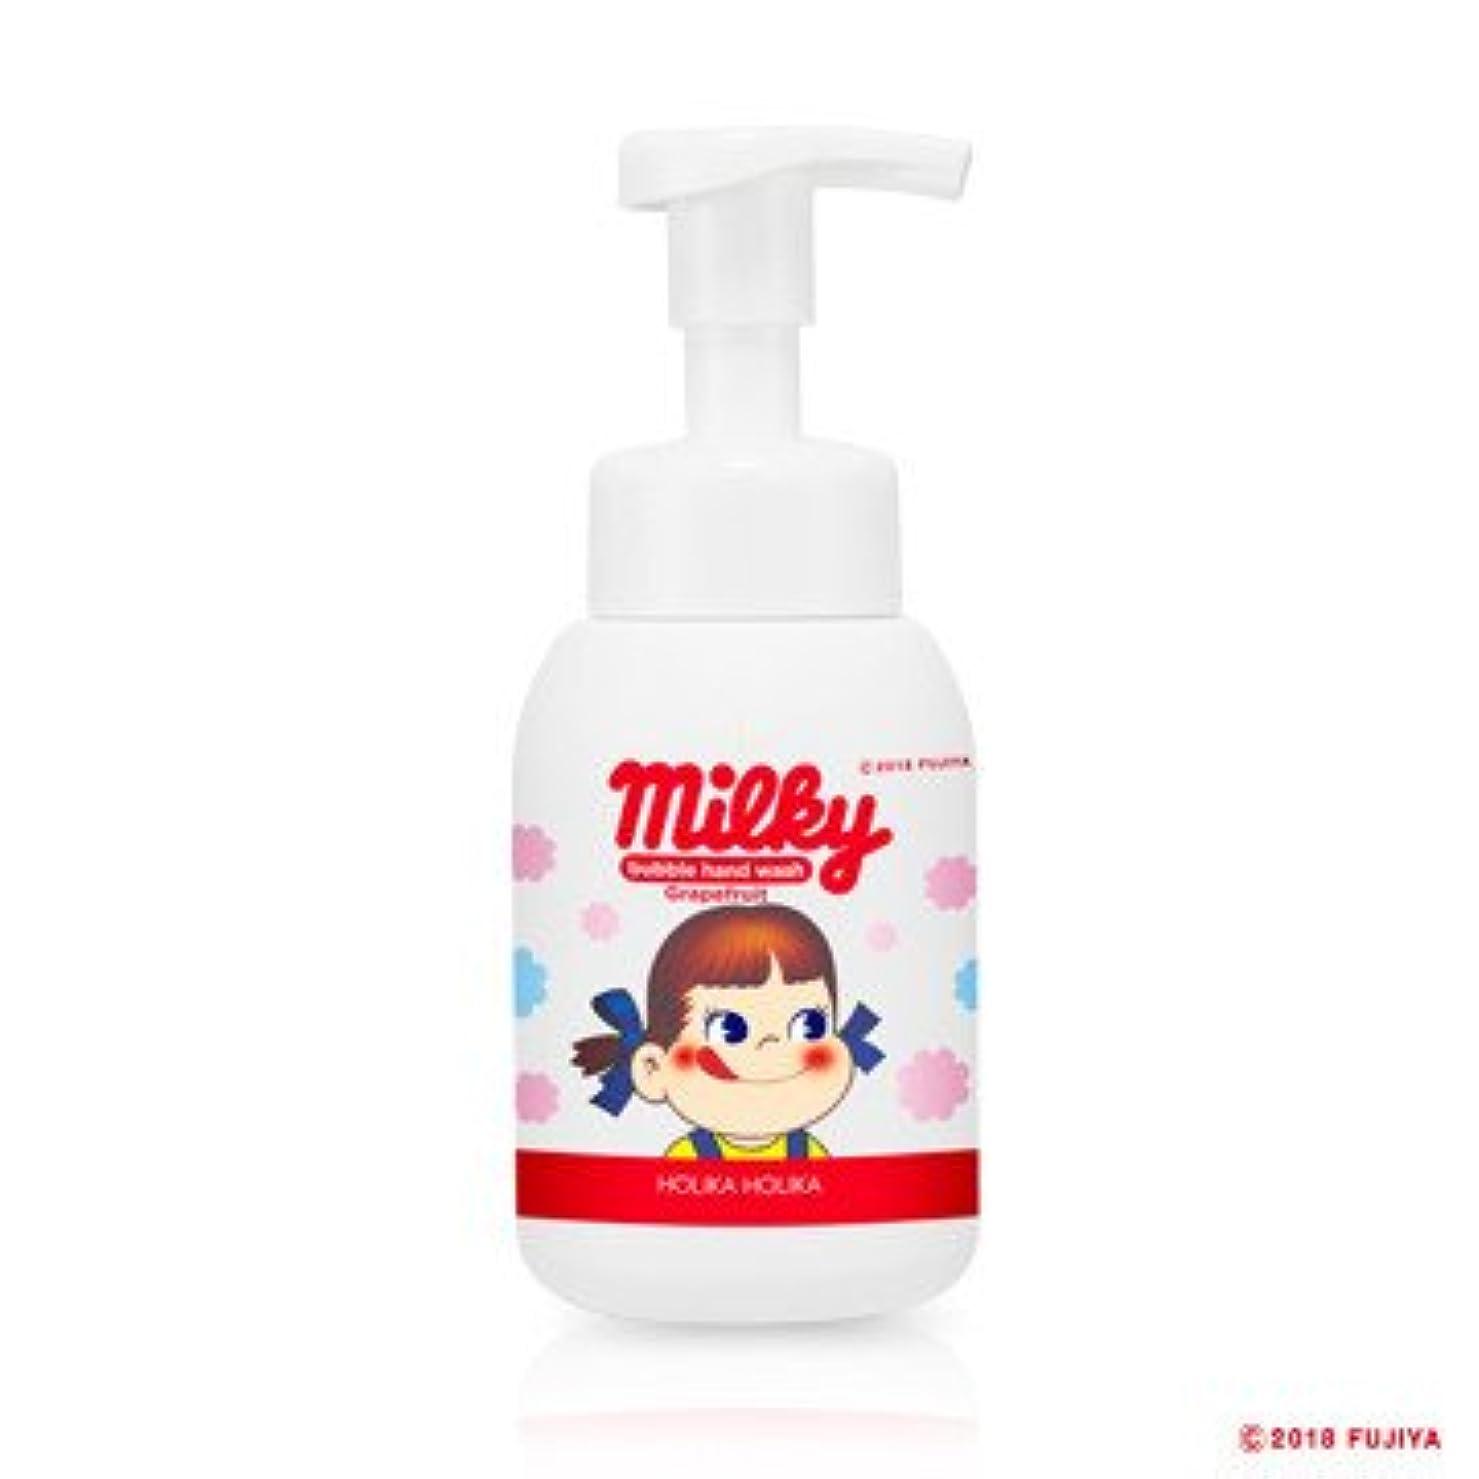 破滅センブランス中にHolika Holika [Sweet Peko Edition] Bubble Hand Wash/ホリカホリカ [スイートペコエディション] バブルハンドウォッシュ 250ml [並行輸入品]